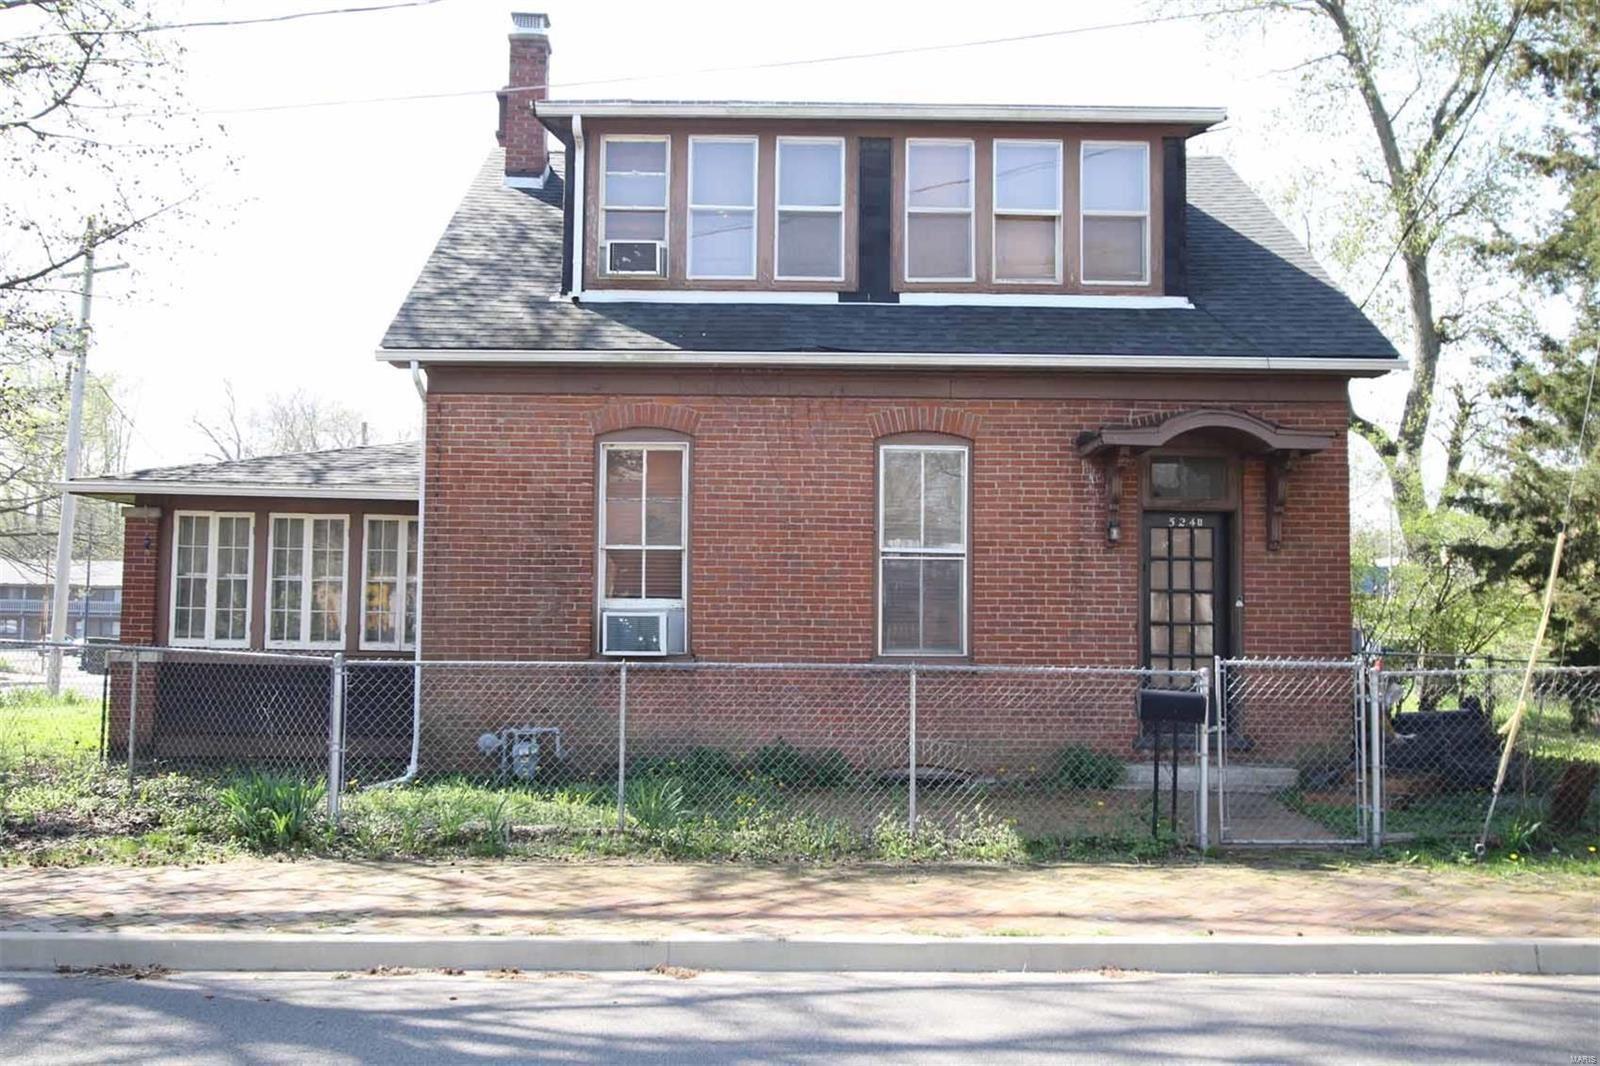 524 East A Street, Belleville, IL 62220 - MLS#: 20022625